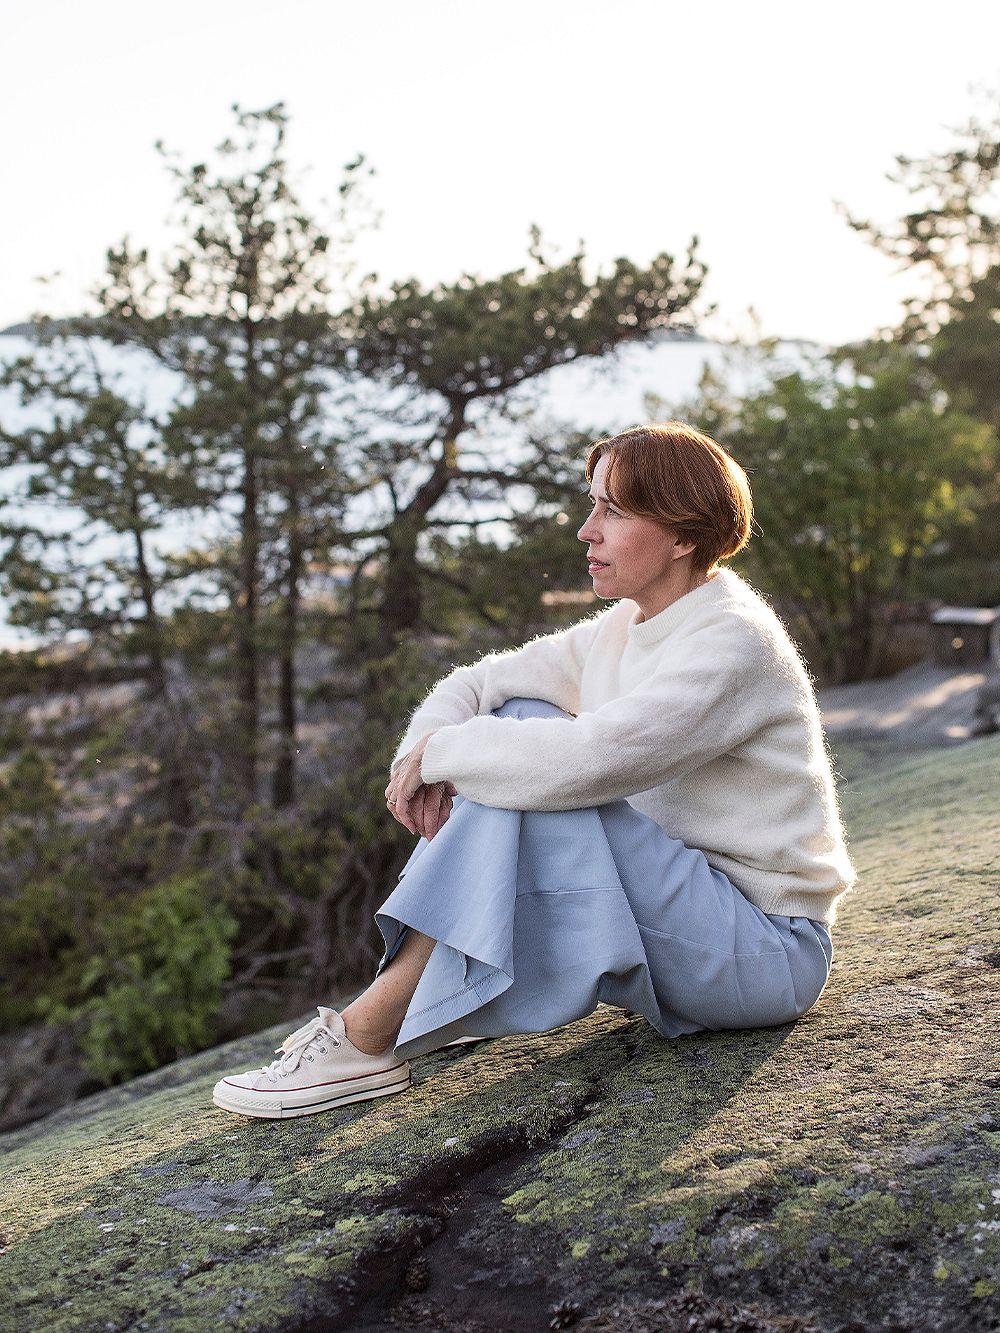 Virpi Suutari istuu kalliolla